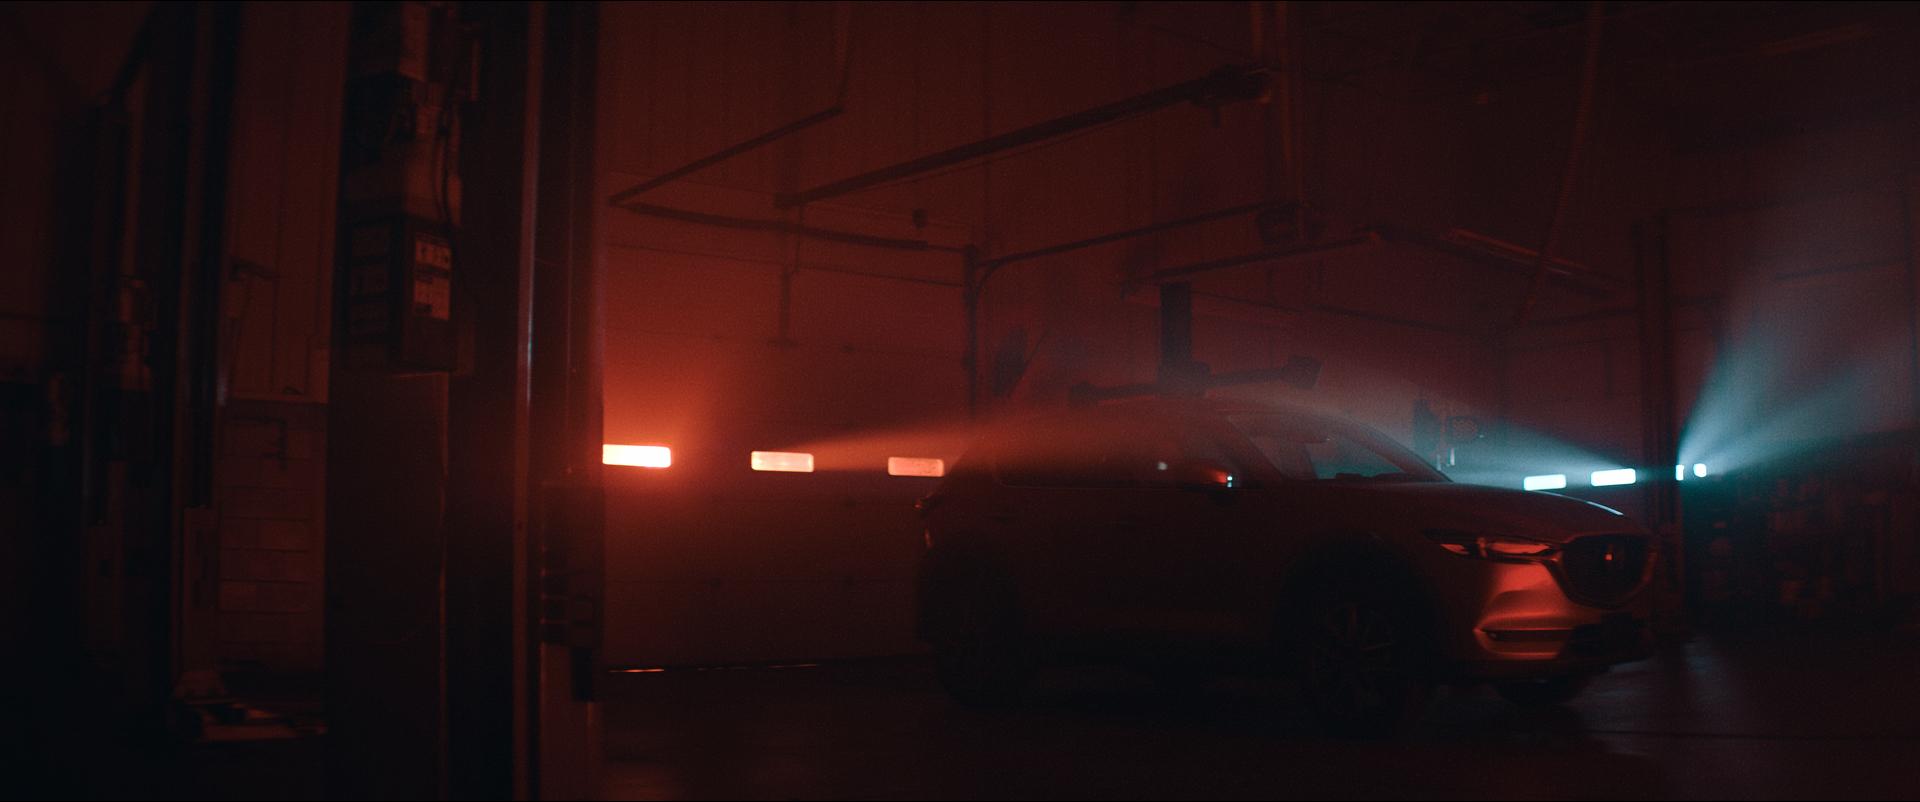 Mazda_Anthem_Web 10.jpg